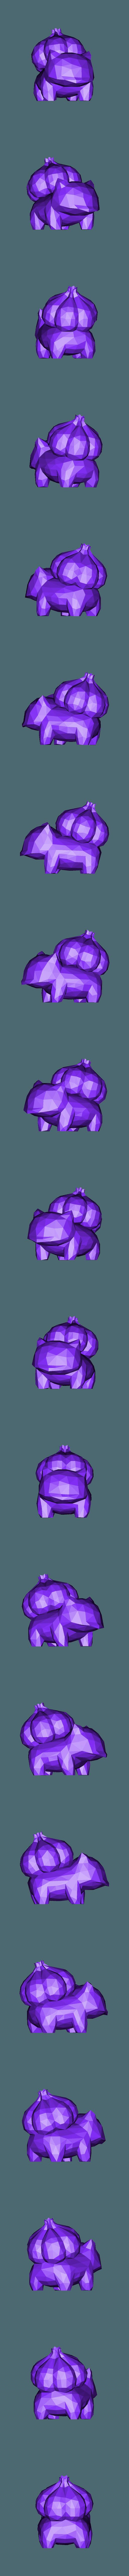 01_Bulbasaur.obj Télécharger fichier OBJ Pokemon Bulbasaur LowPoly • Modèle pour impression 3D, MarProZ_3D